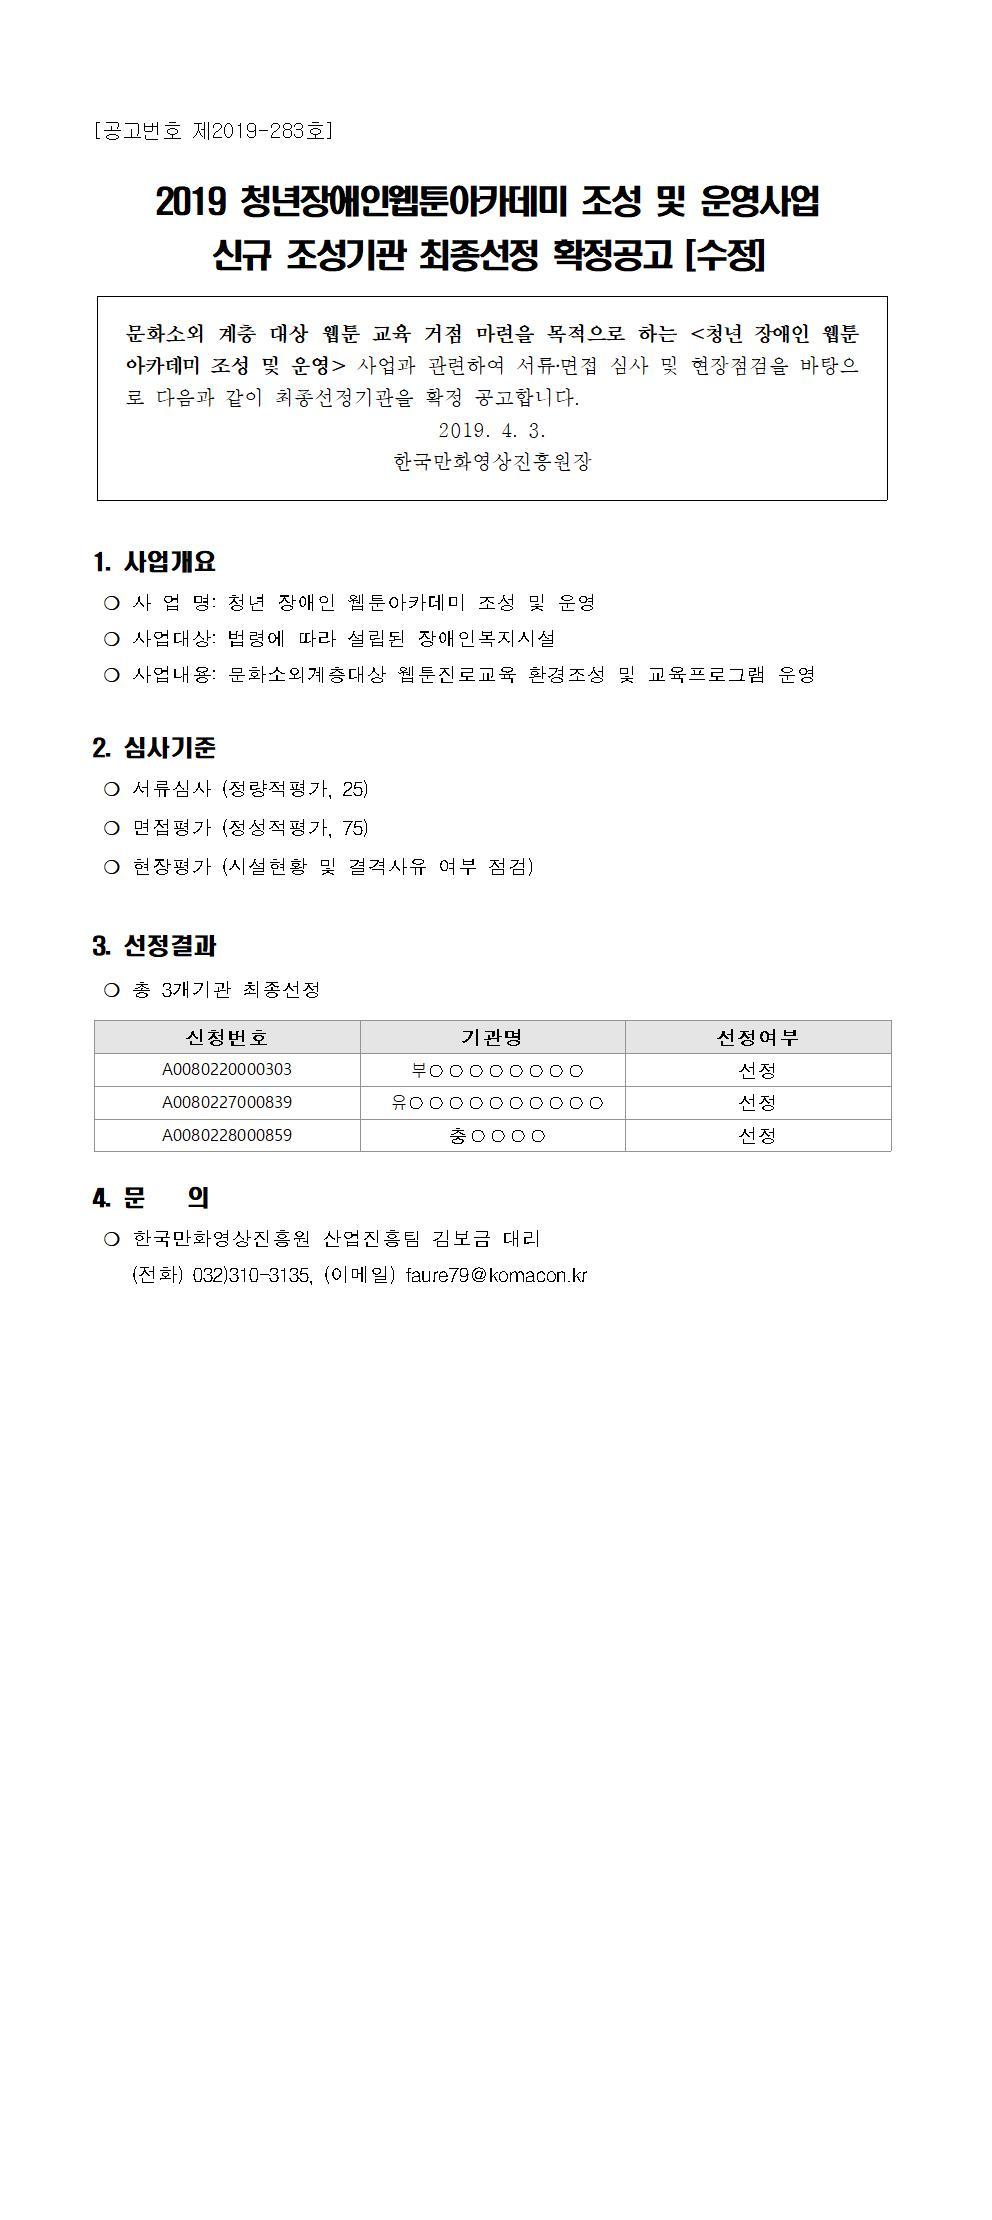 청년장애인 확정 공고문_수정_0403.jpg